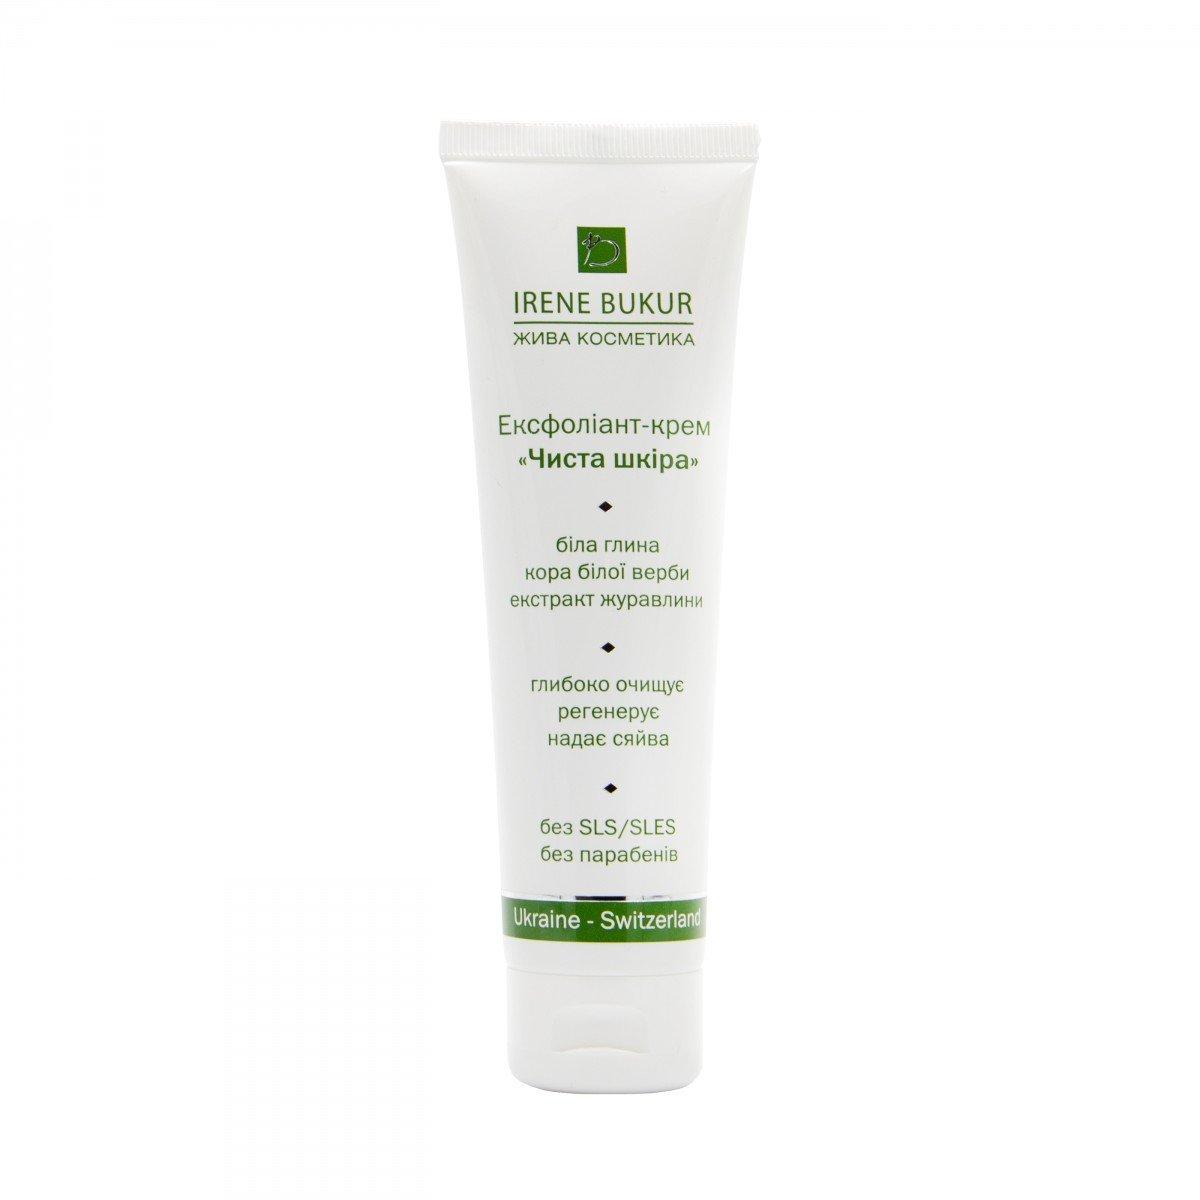 """Ексфоліант-крем """"Чиста шкіра"""" Pure Skin з комплексом  Microderm для сухої та нормальної шкіри, 100 мл"""